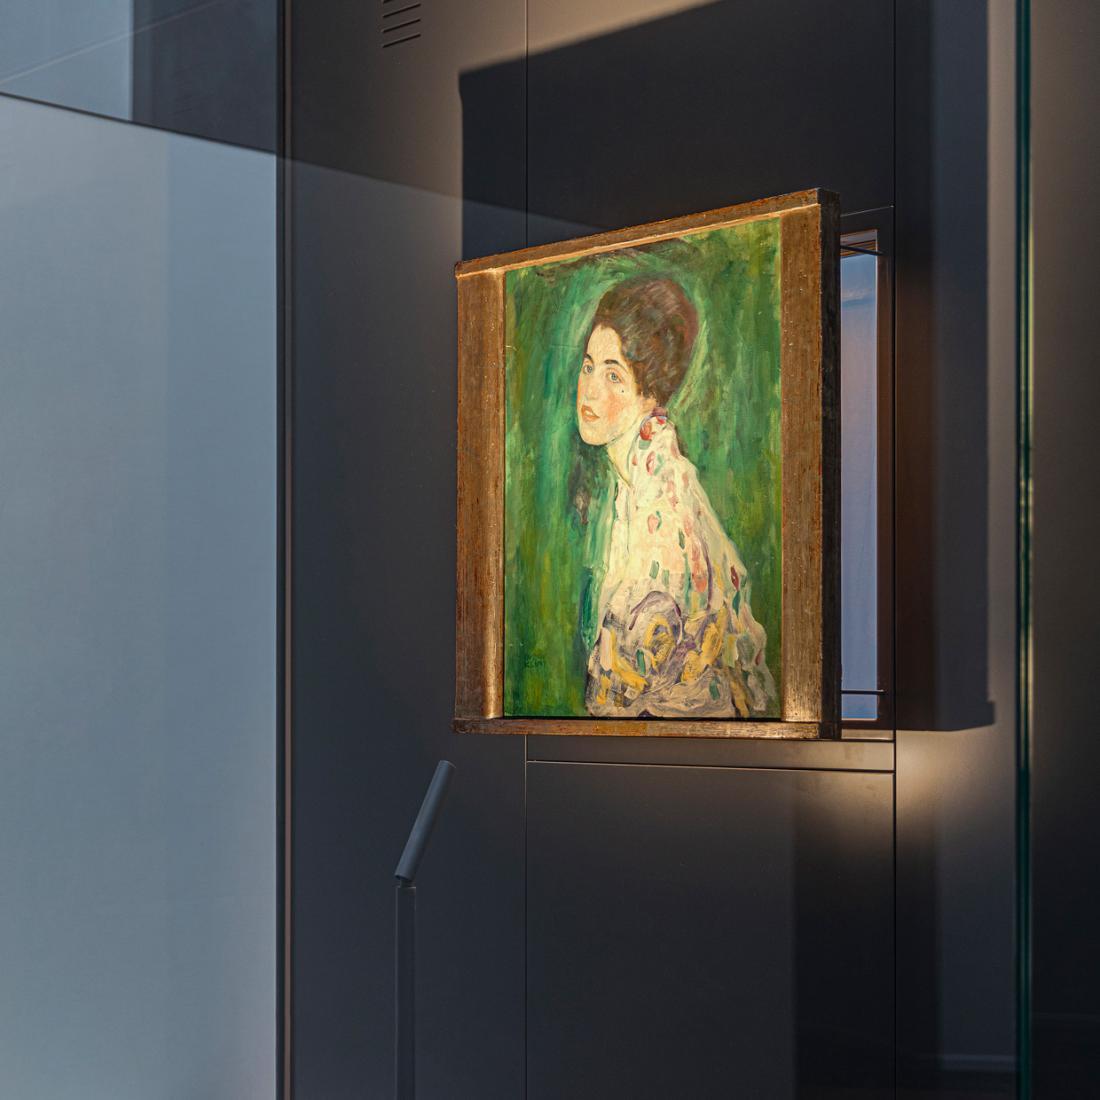 Portret mladenke z rjavimi lasmi, ki ga je Gustav Klimt naslikal v zadnjih letih življenja, je zdaj na ogled z novo osvetlitvijo. Foto: Fausto Mazza